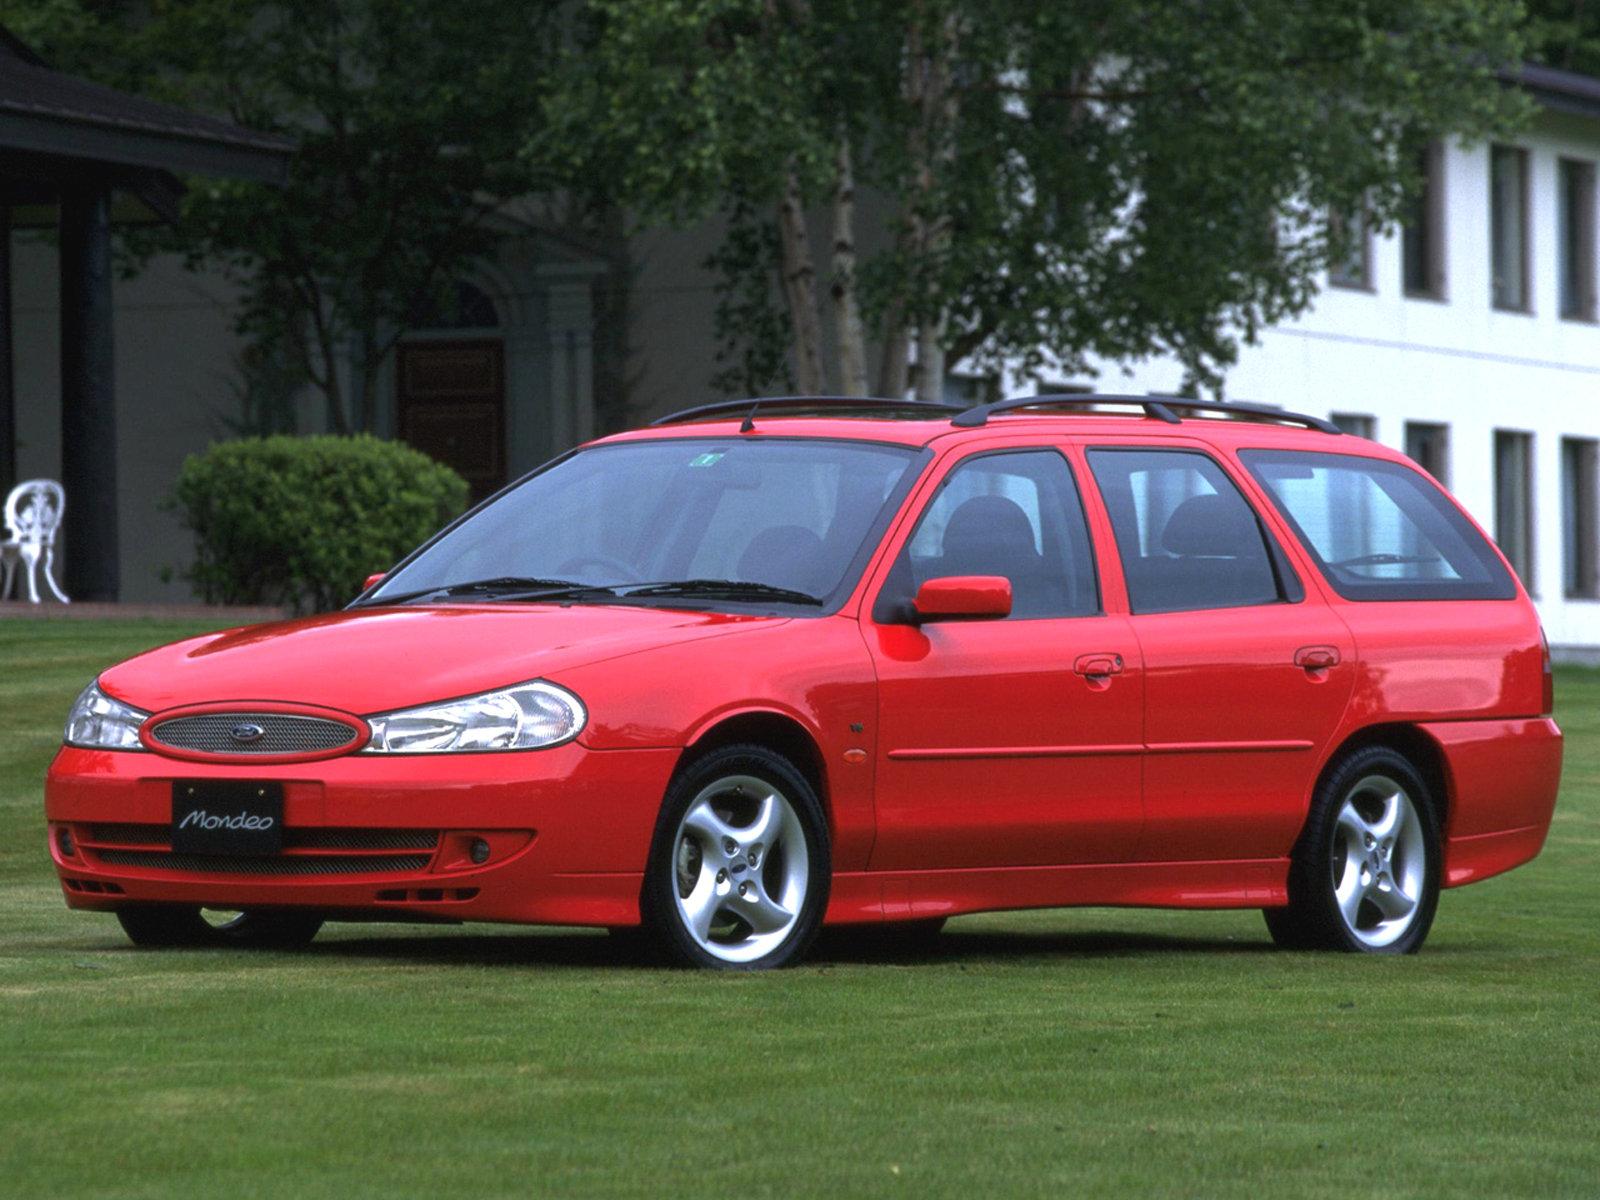 Отзывы владельцев Ford Mondeo (Форд Мондео) с ФОТО